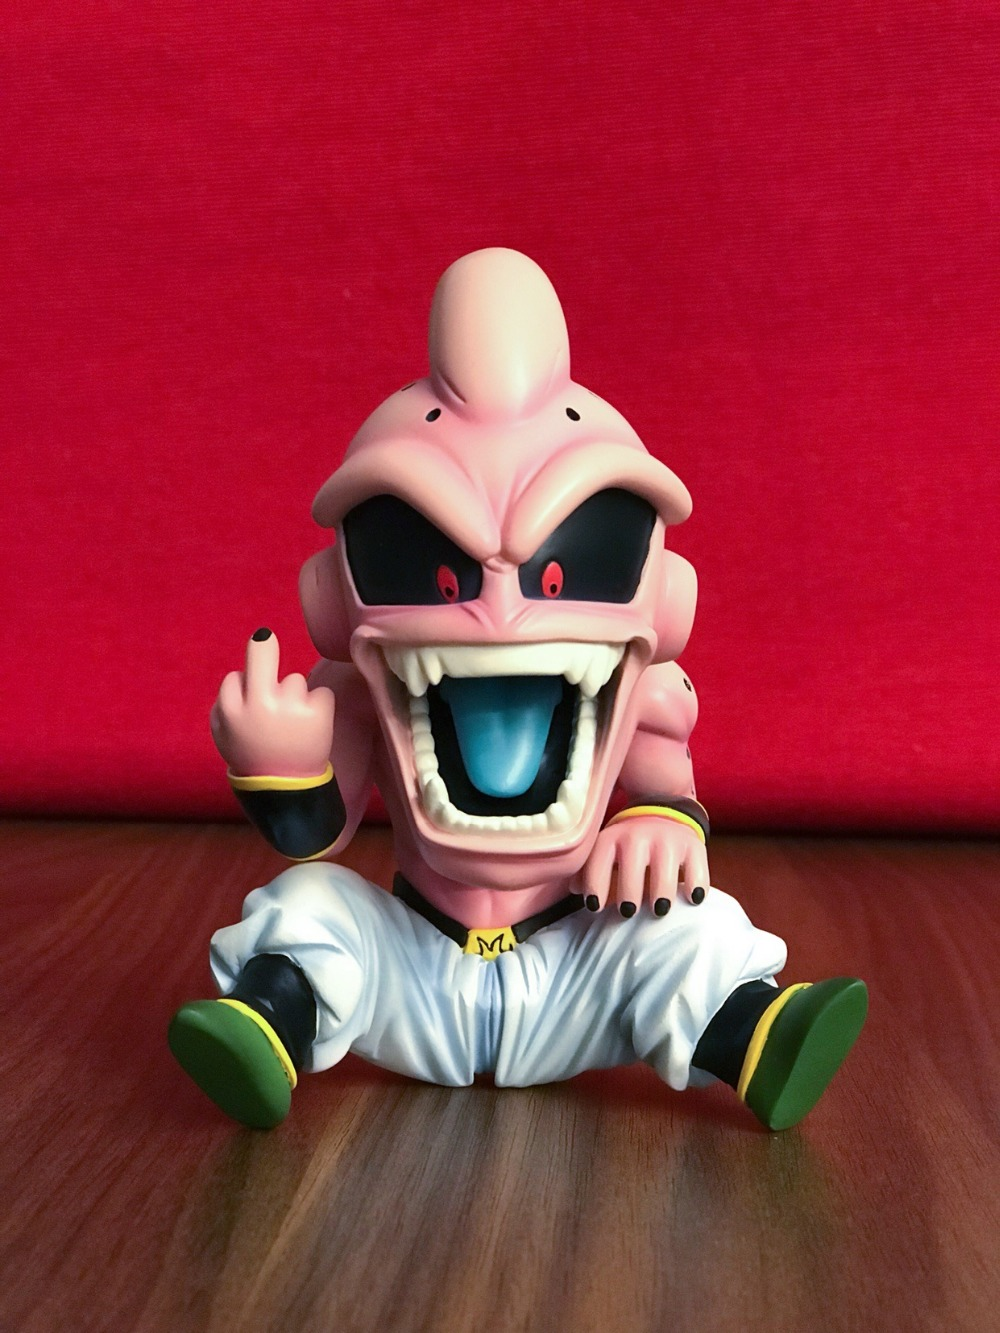 13 cm Dragon Ball Z Majin Buu Majin Boo figura de acción PVC juguetes colección muñeca anime modelo de dibujos animados